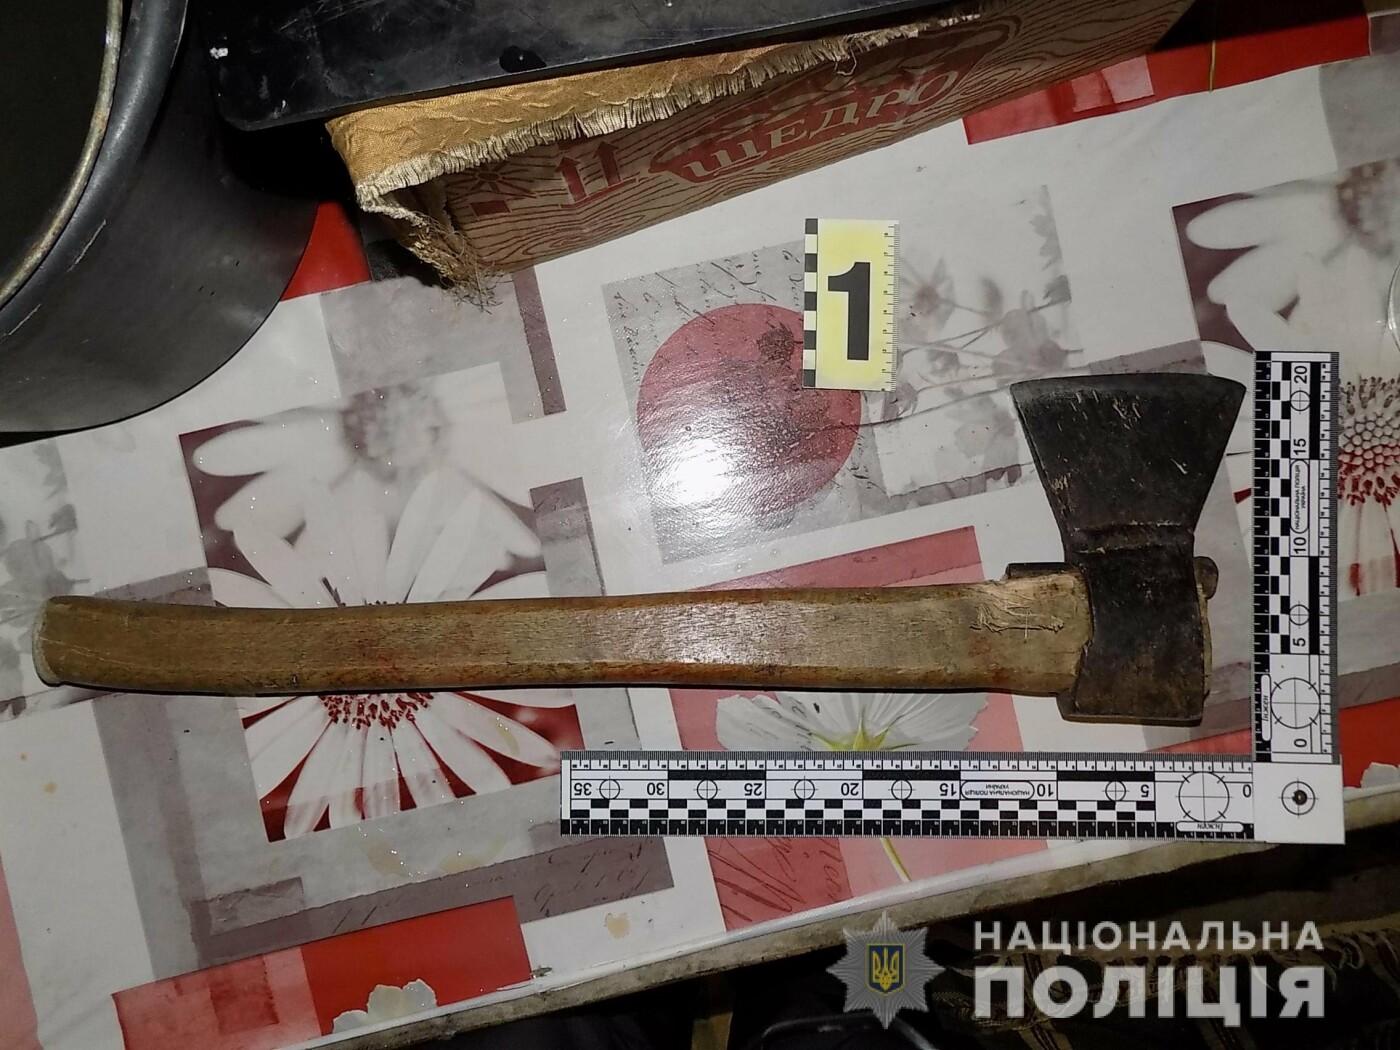 В Одесской области мужчина ударил топором своего отца из-за сигареты, - ФОТО, фото-1